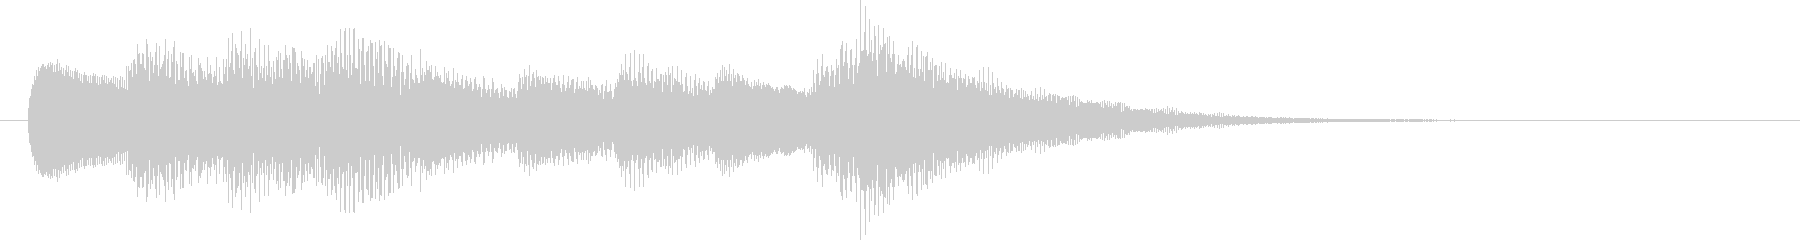 インフォメーションチャイム(やさしい)の未再生の波形